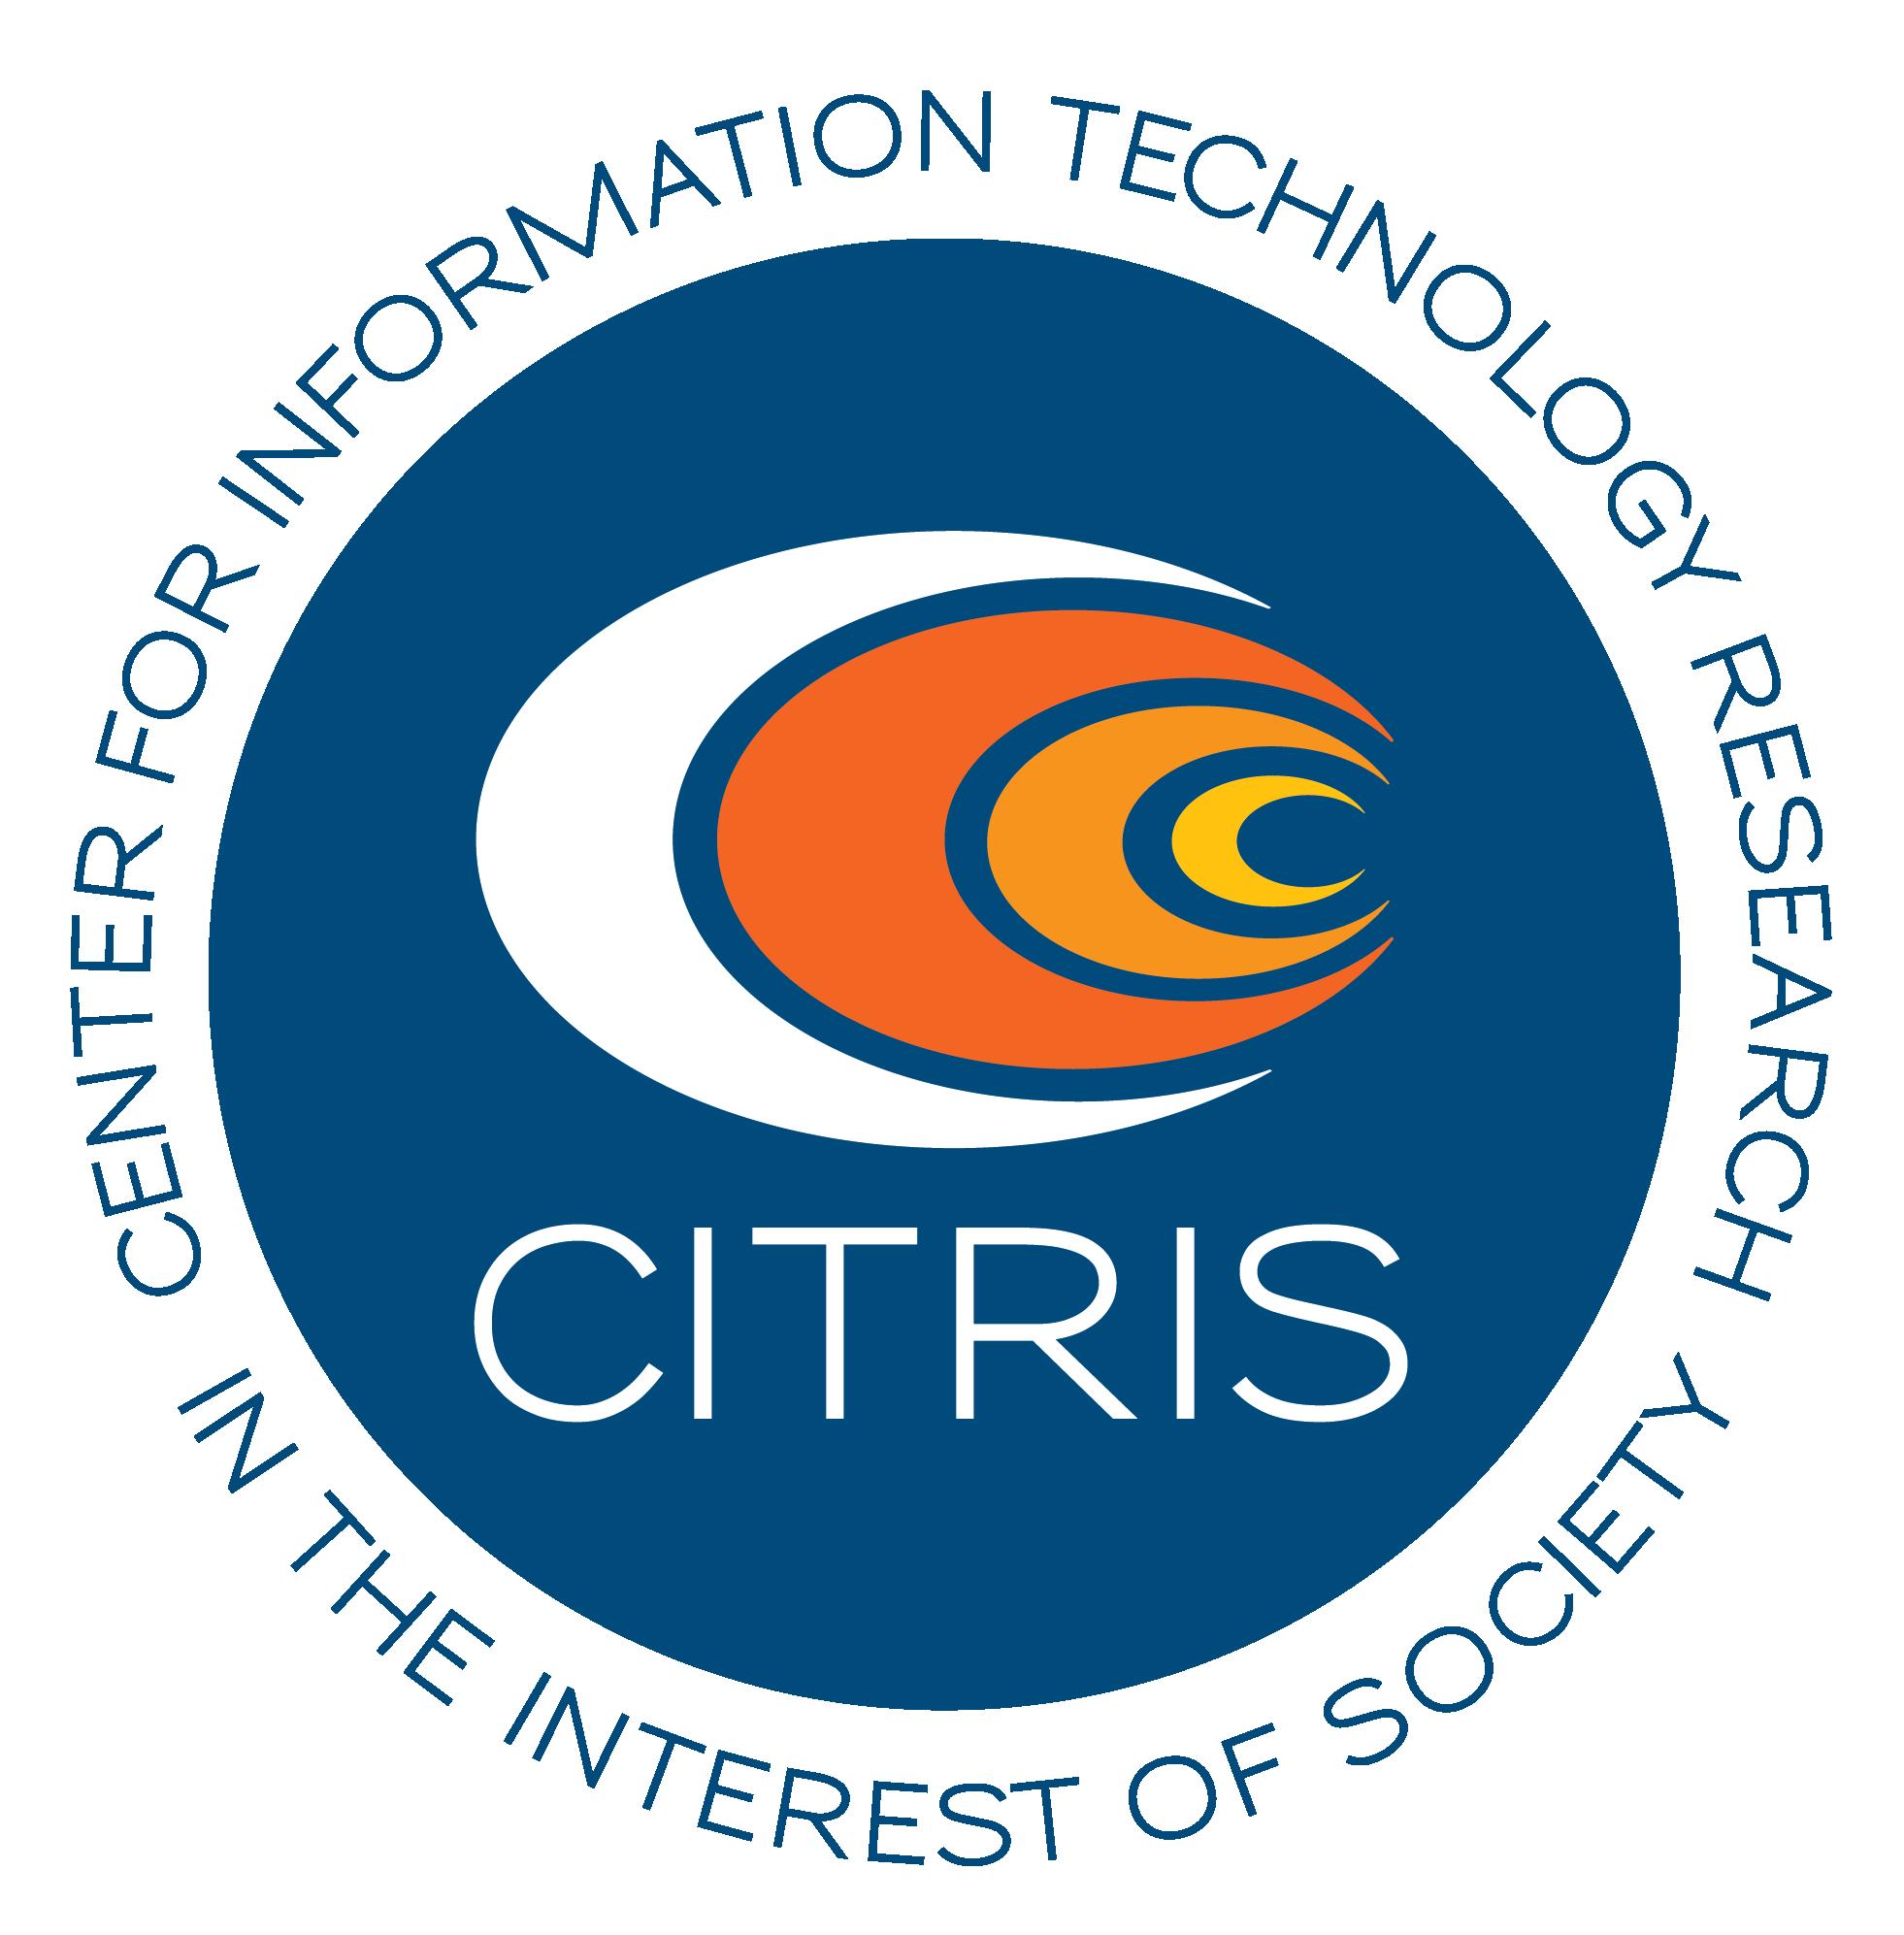 CITRIS-logo_cmyk.png